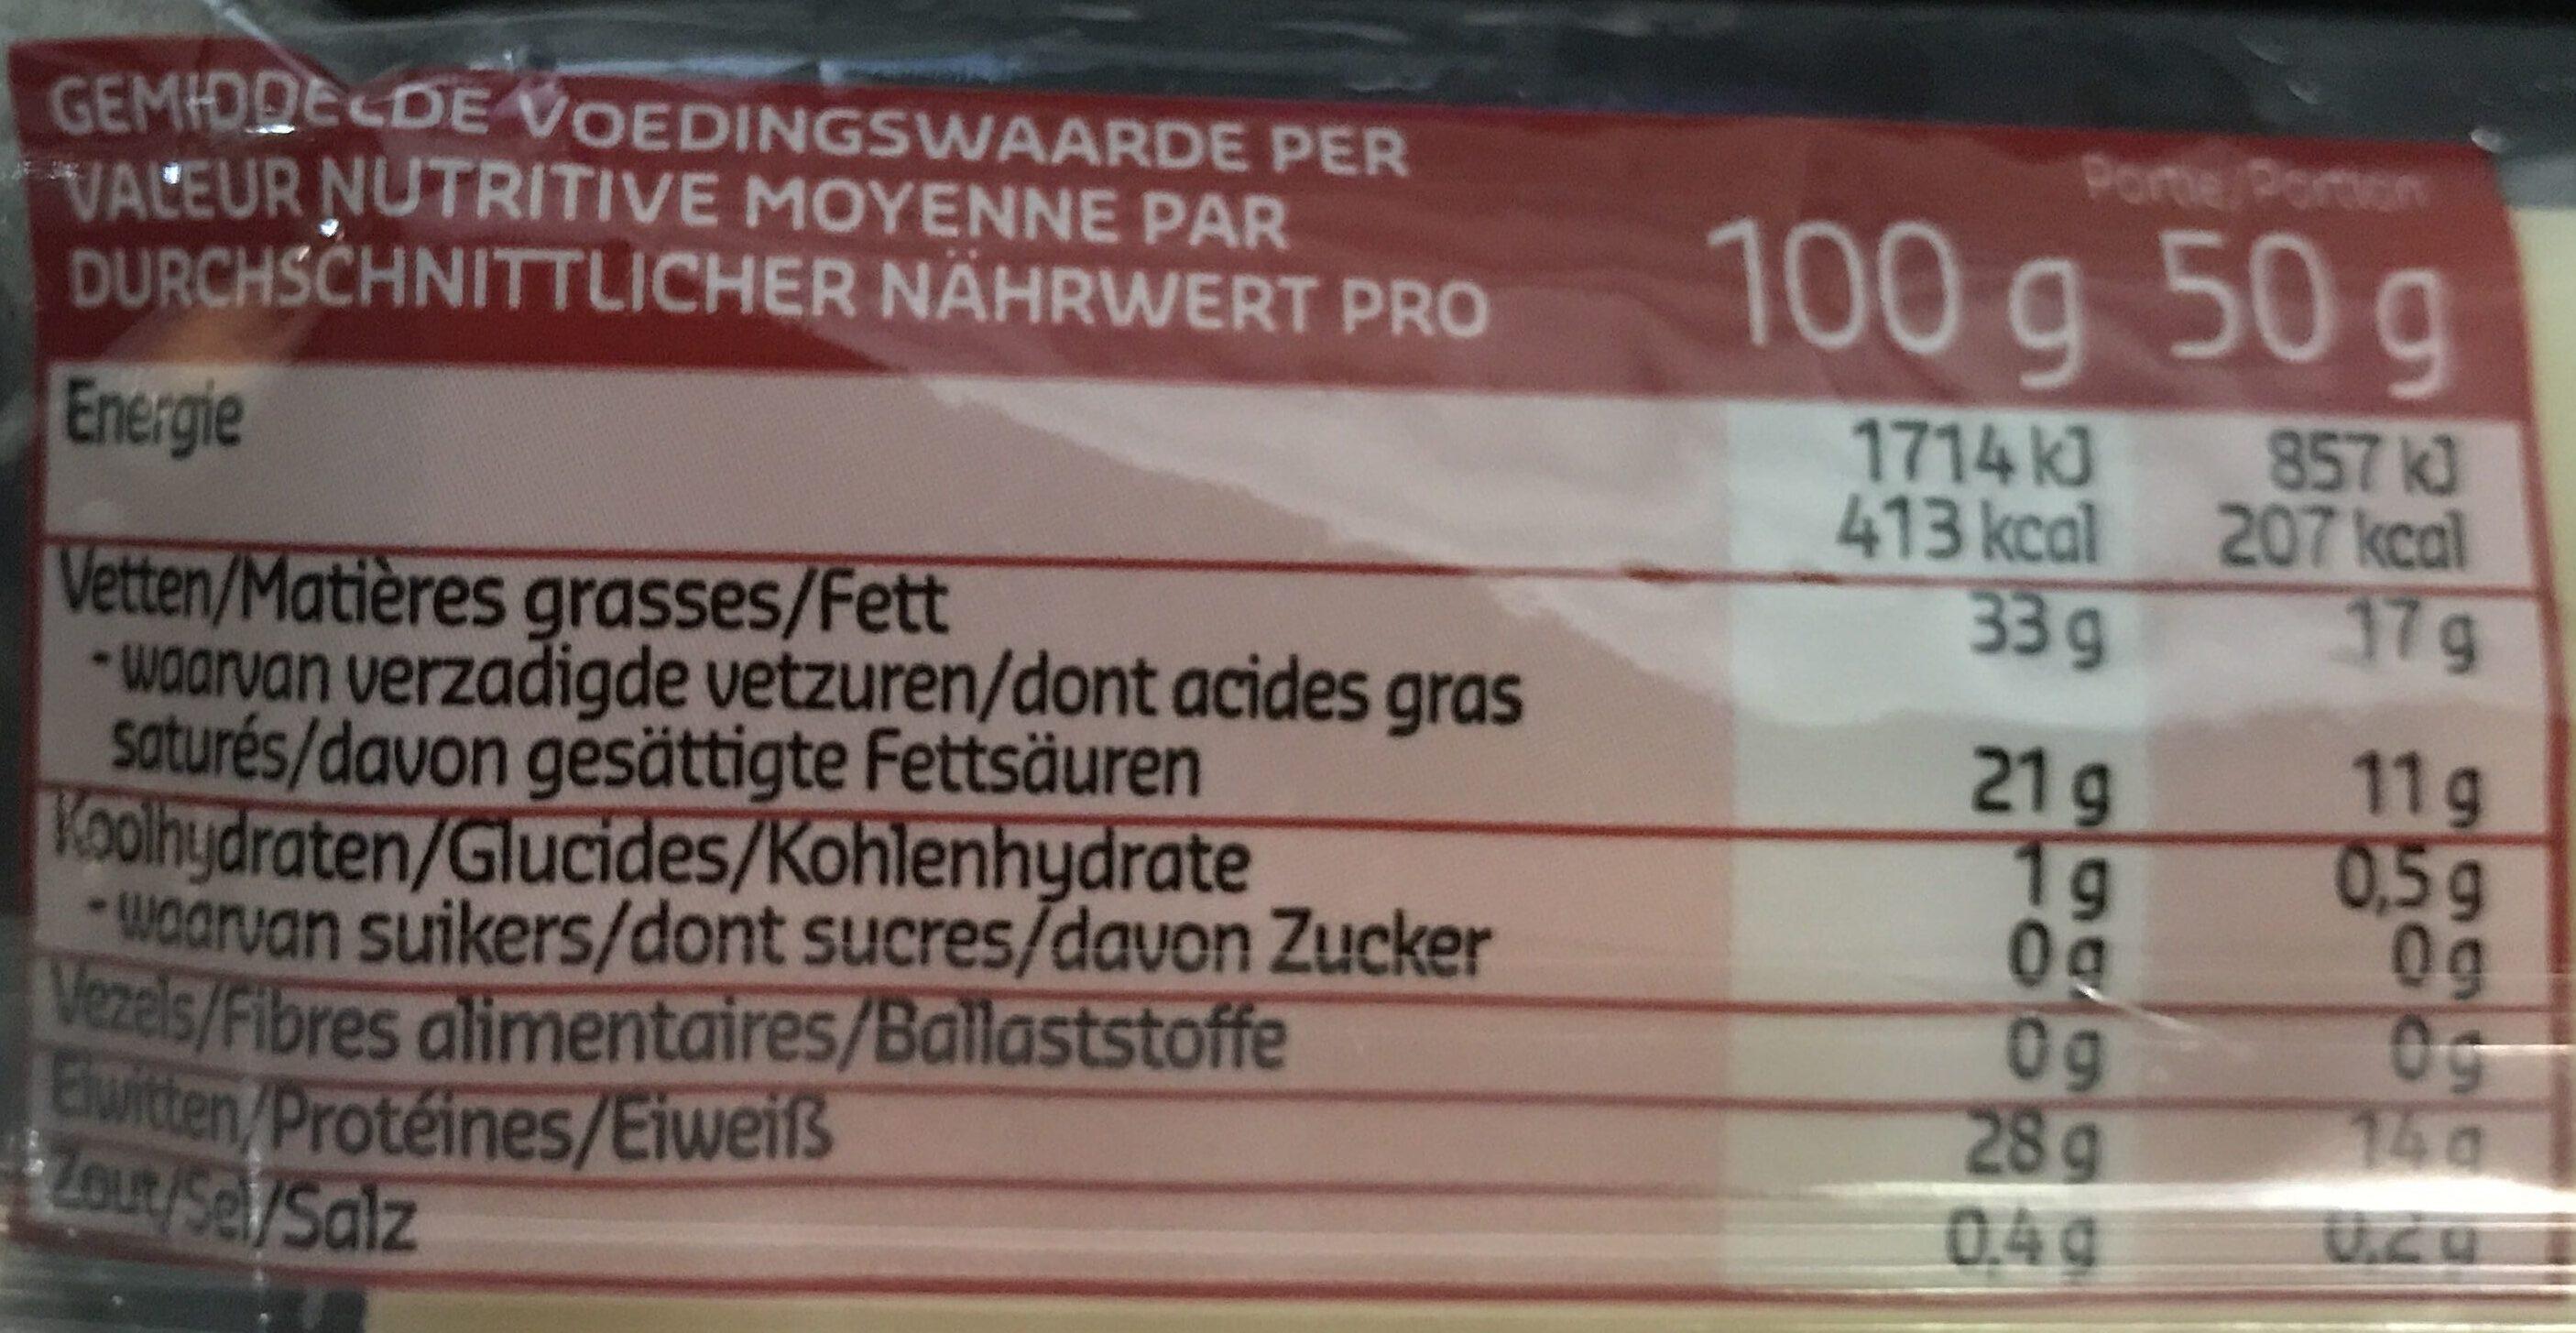 Emmentaler AOP Switzerland - Informations nutritionnelles - fr